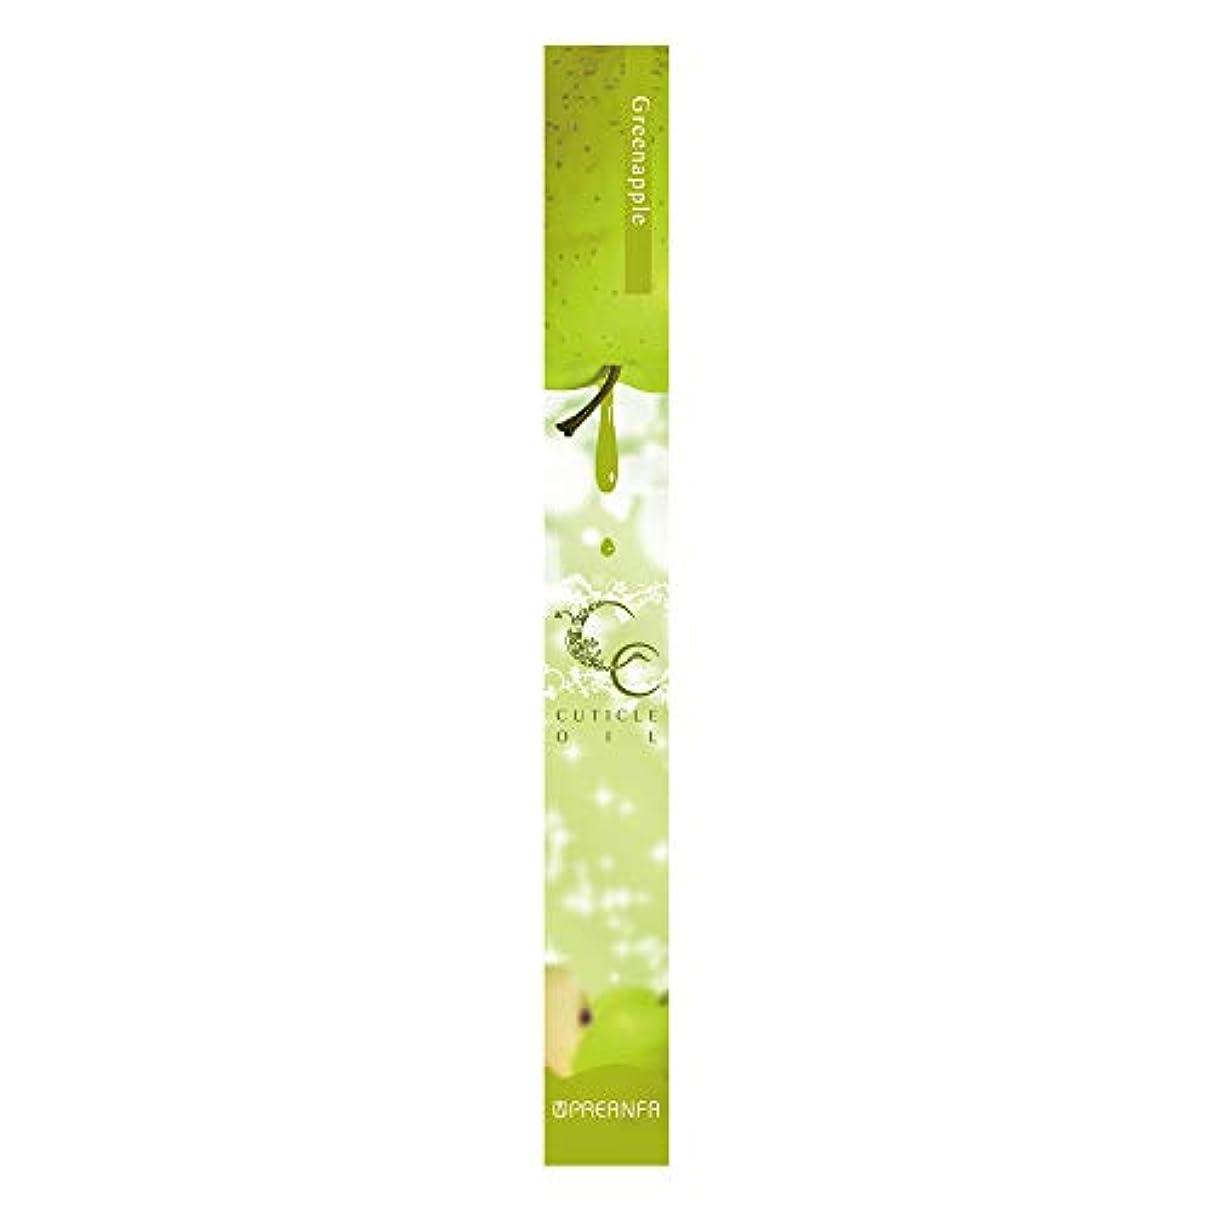 モッキンバード僕のペネロペプリジェル ジェルネイル CCキューティクルオイル グリーンアップル 4.5g 保湿オイル ペンタイプ